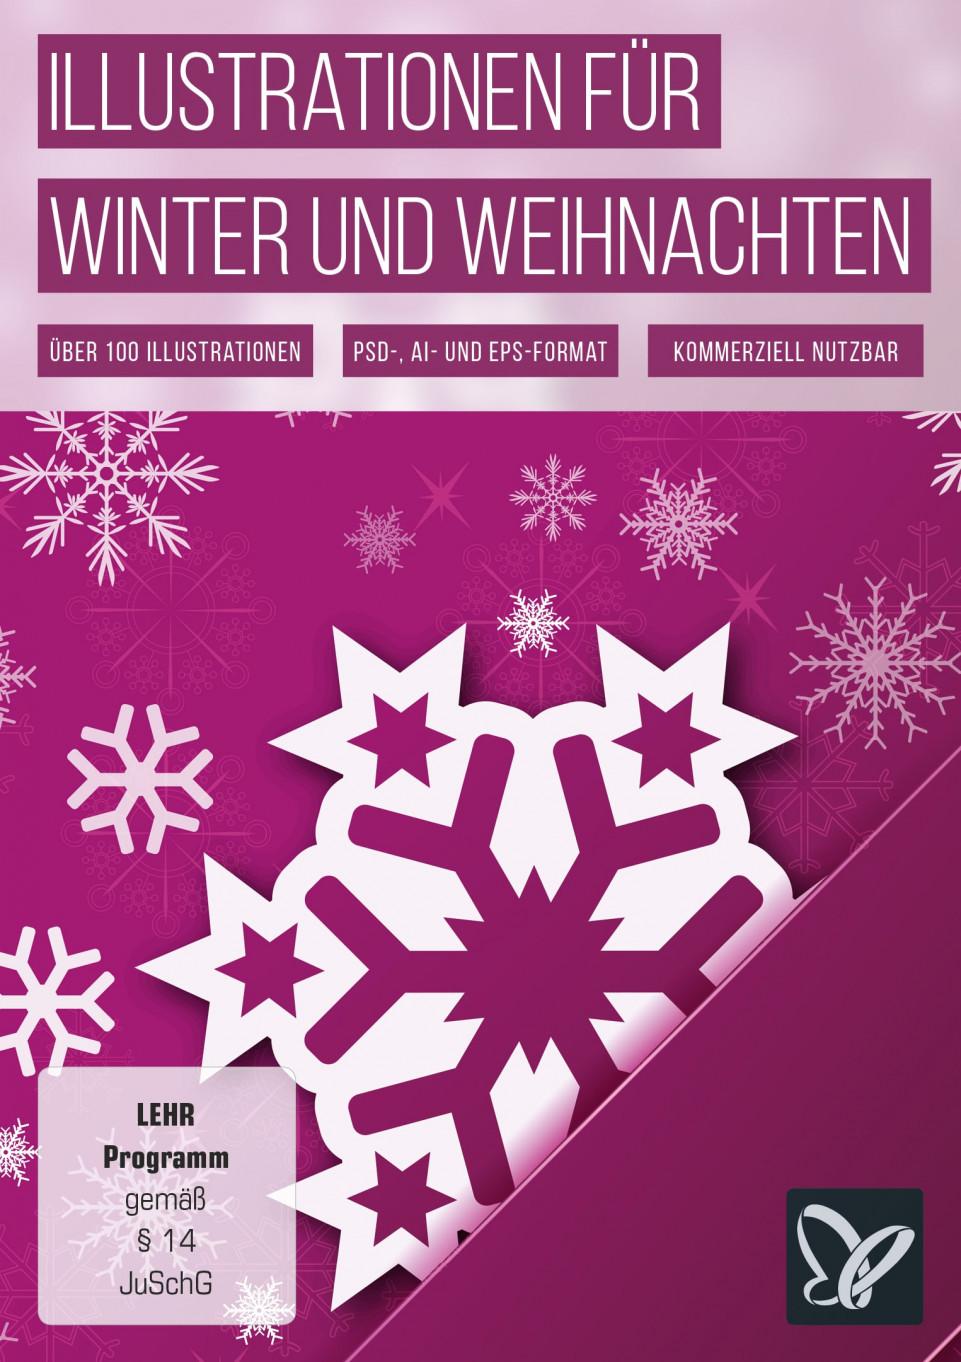 Wintermotive und Illustrationen für Weihnachten